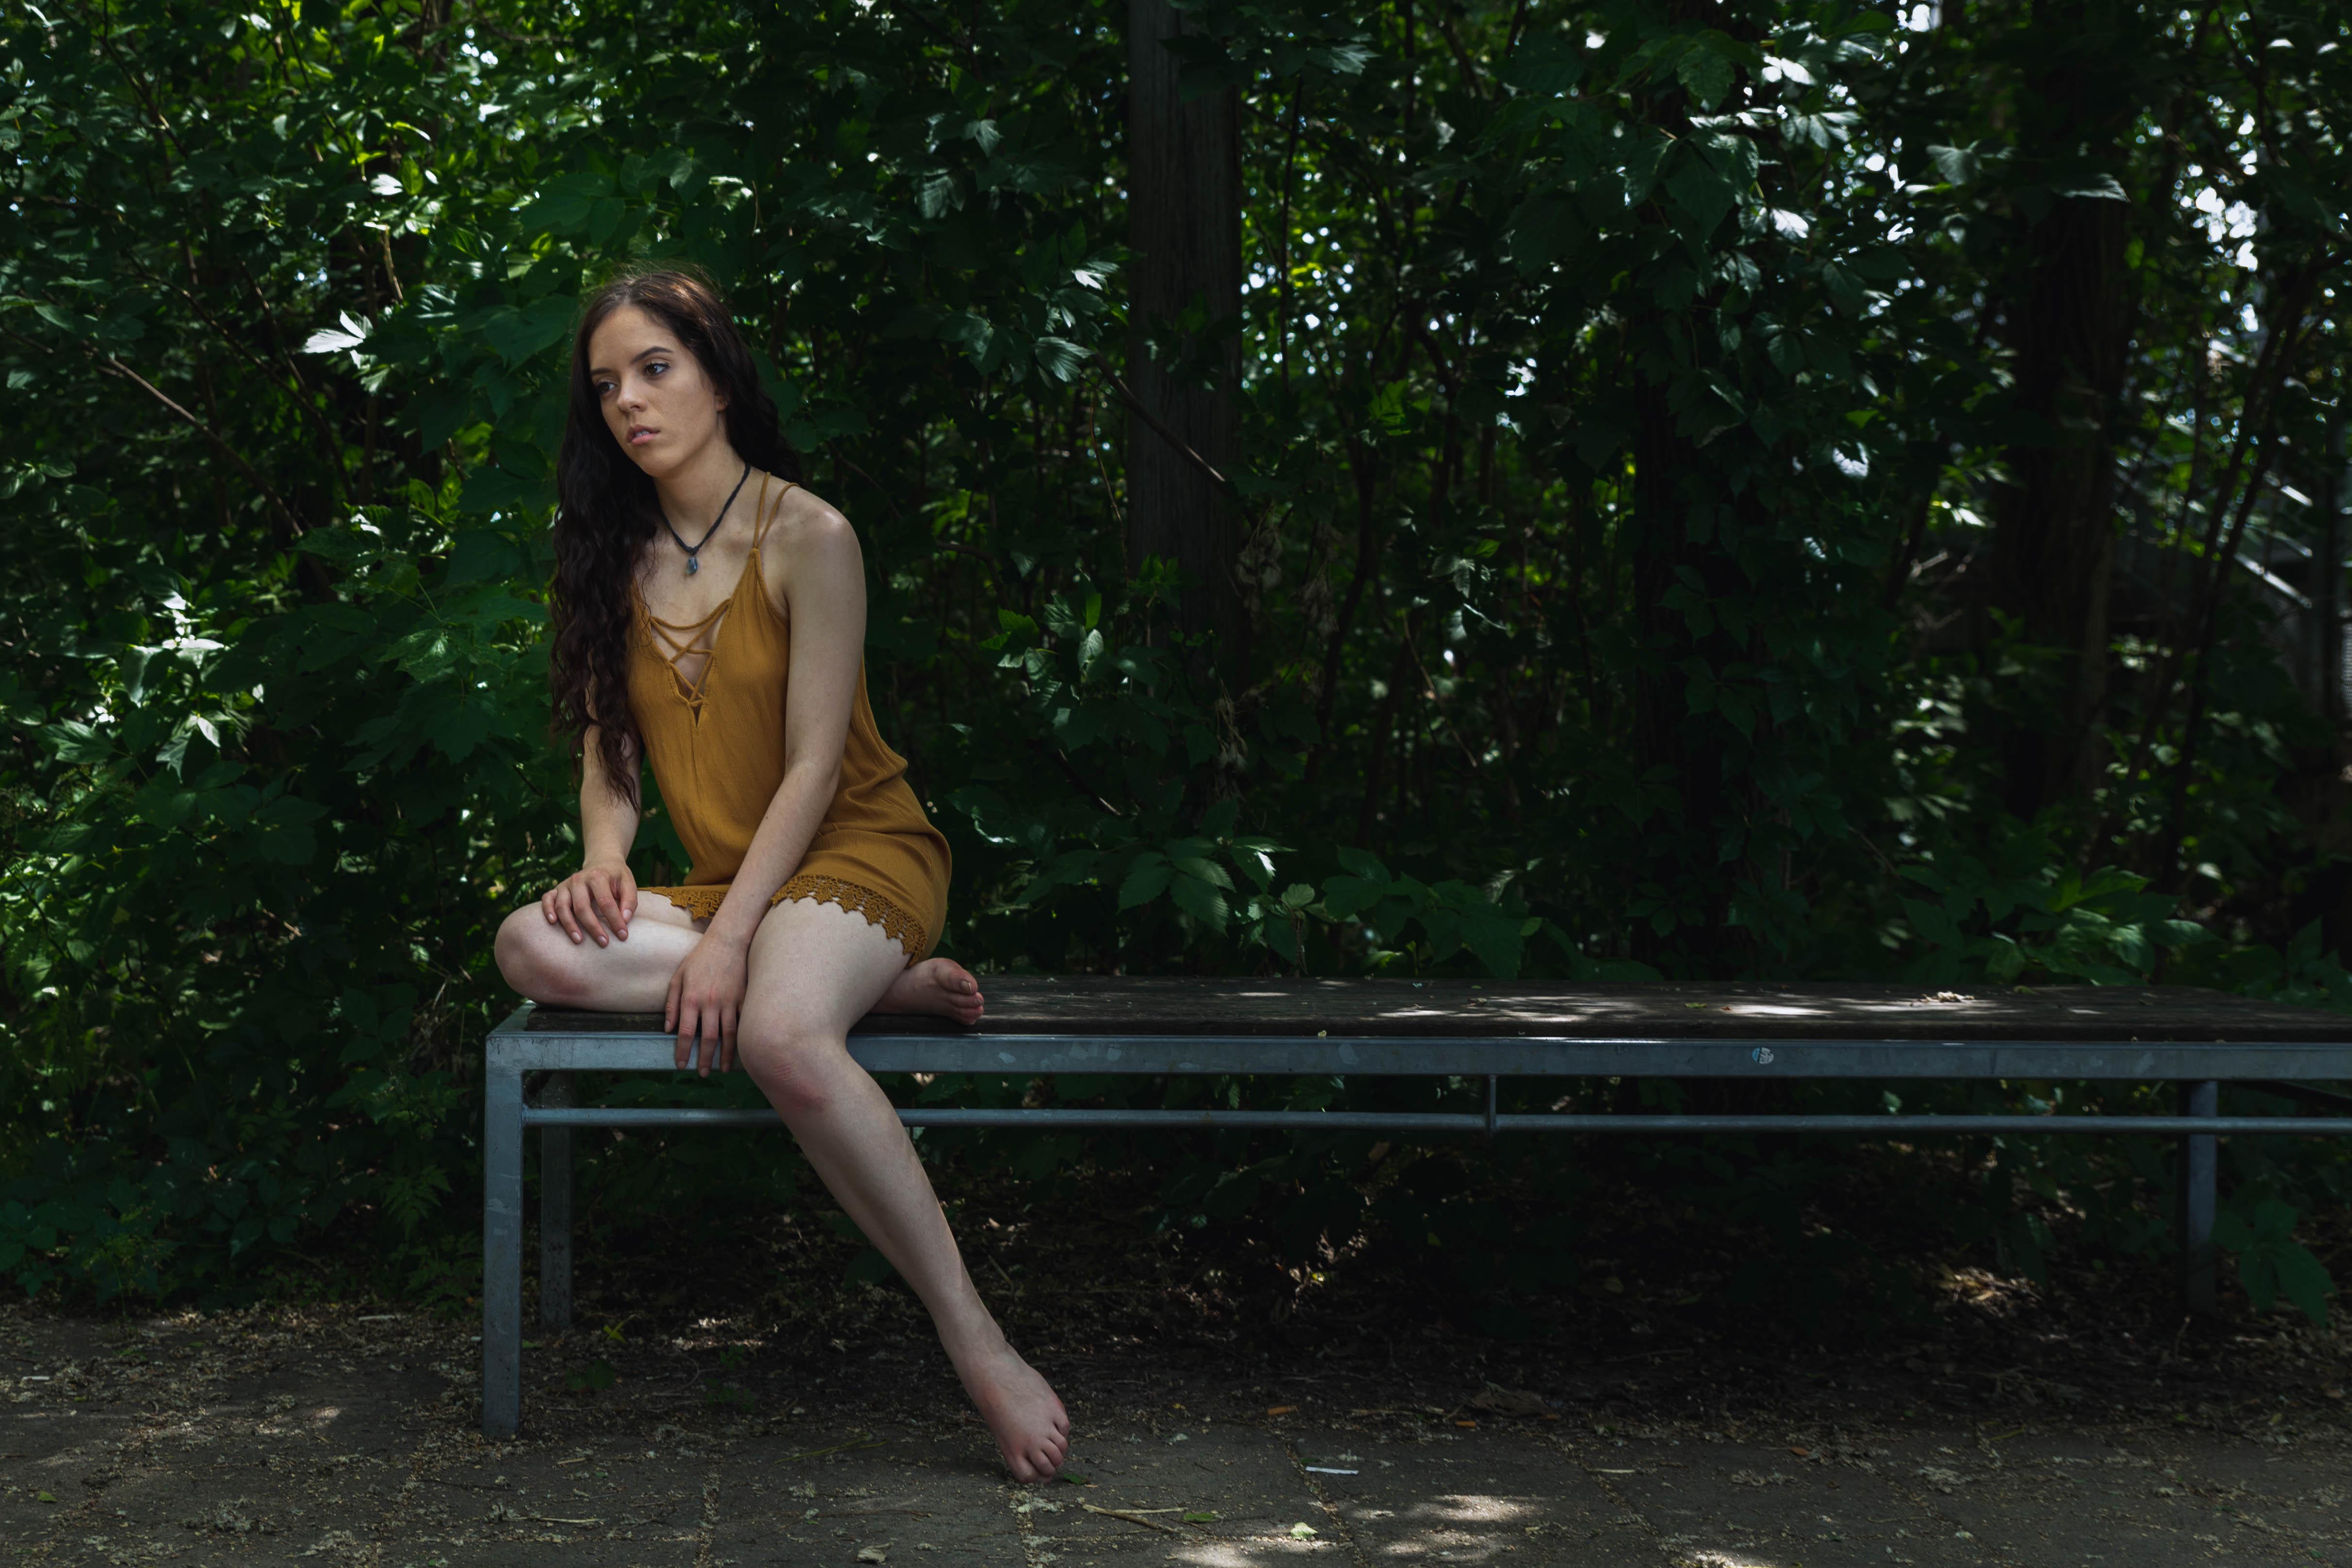 Sur le banc